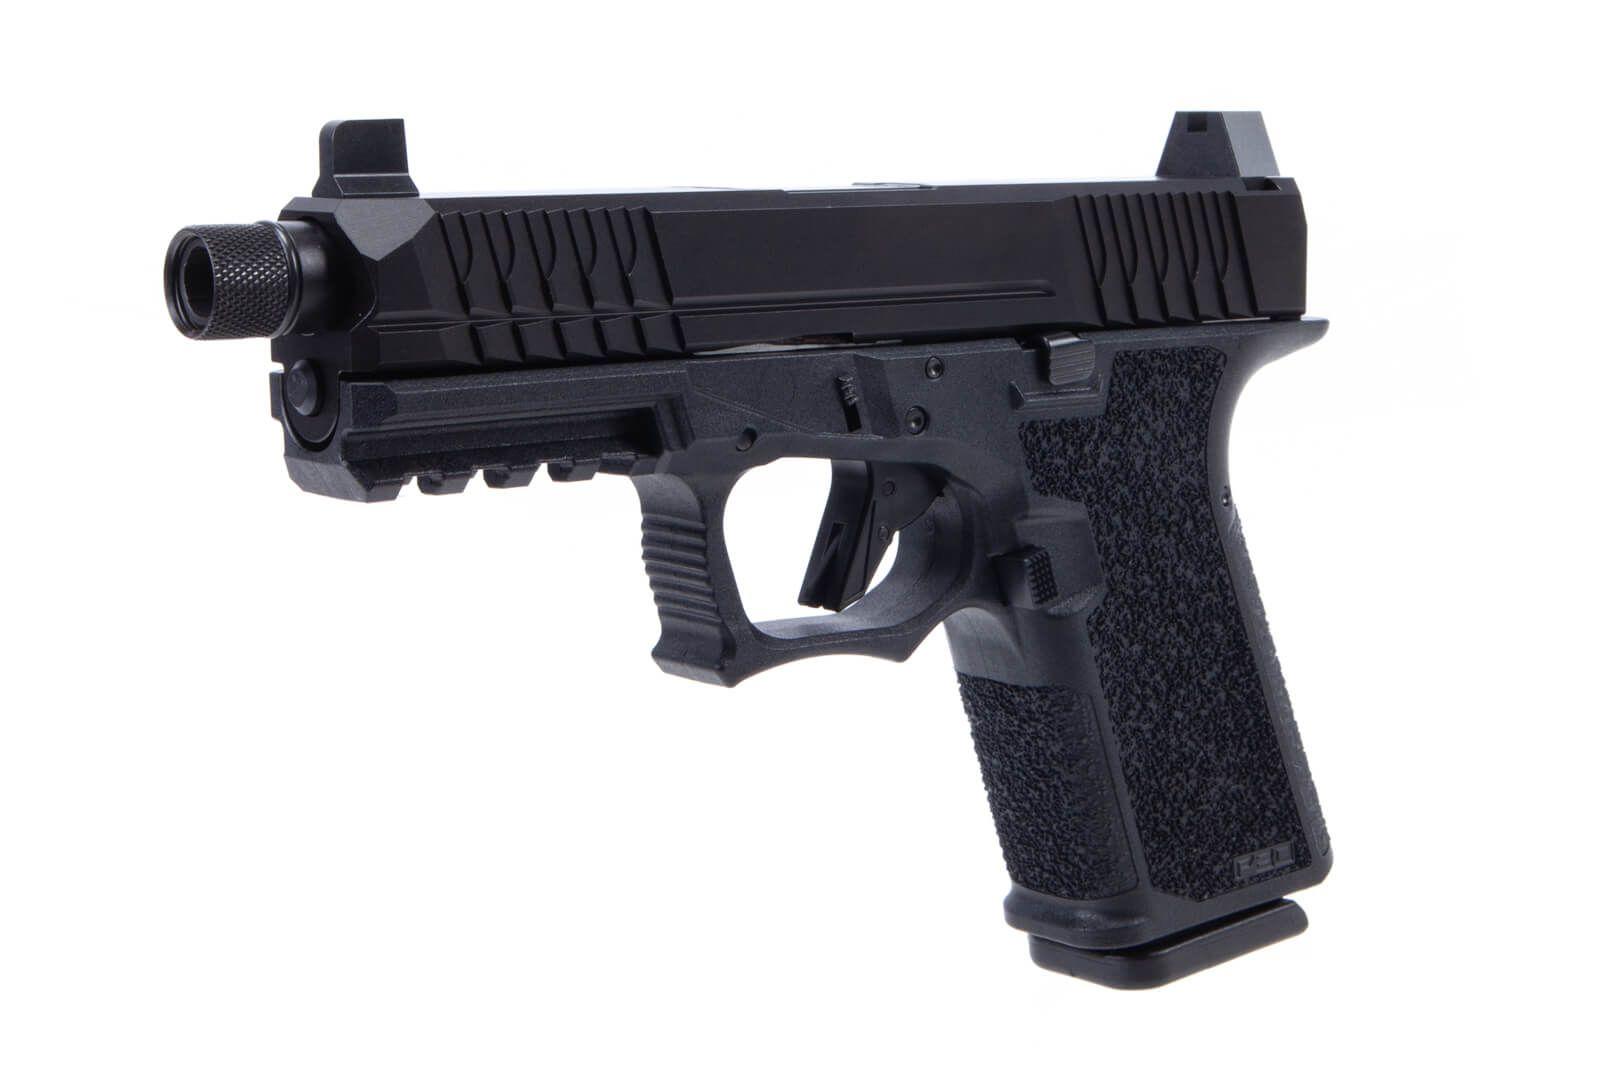 http://n3.datasn.io/data/api/v1/n3_lyz/guns_for_sale/main/image/5a/e2/a6/c4/5ae2a6c4db83daefd781fe156770d412b8653ed8.jpg